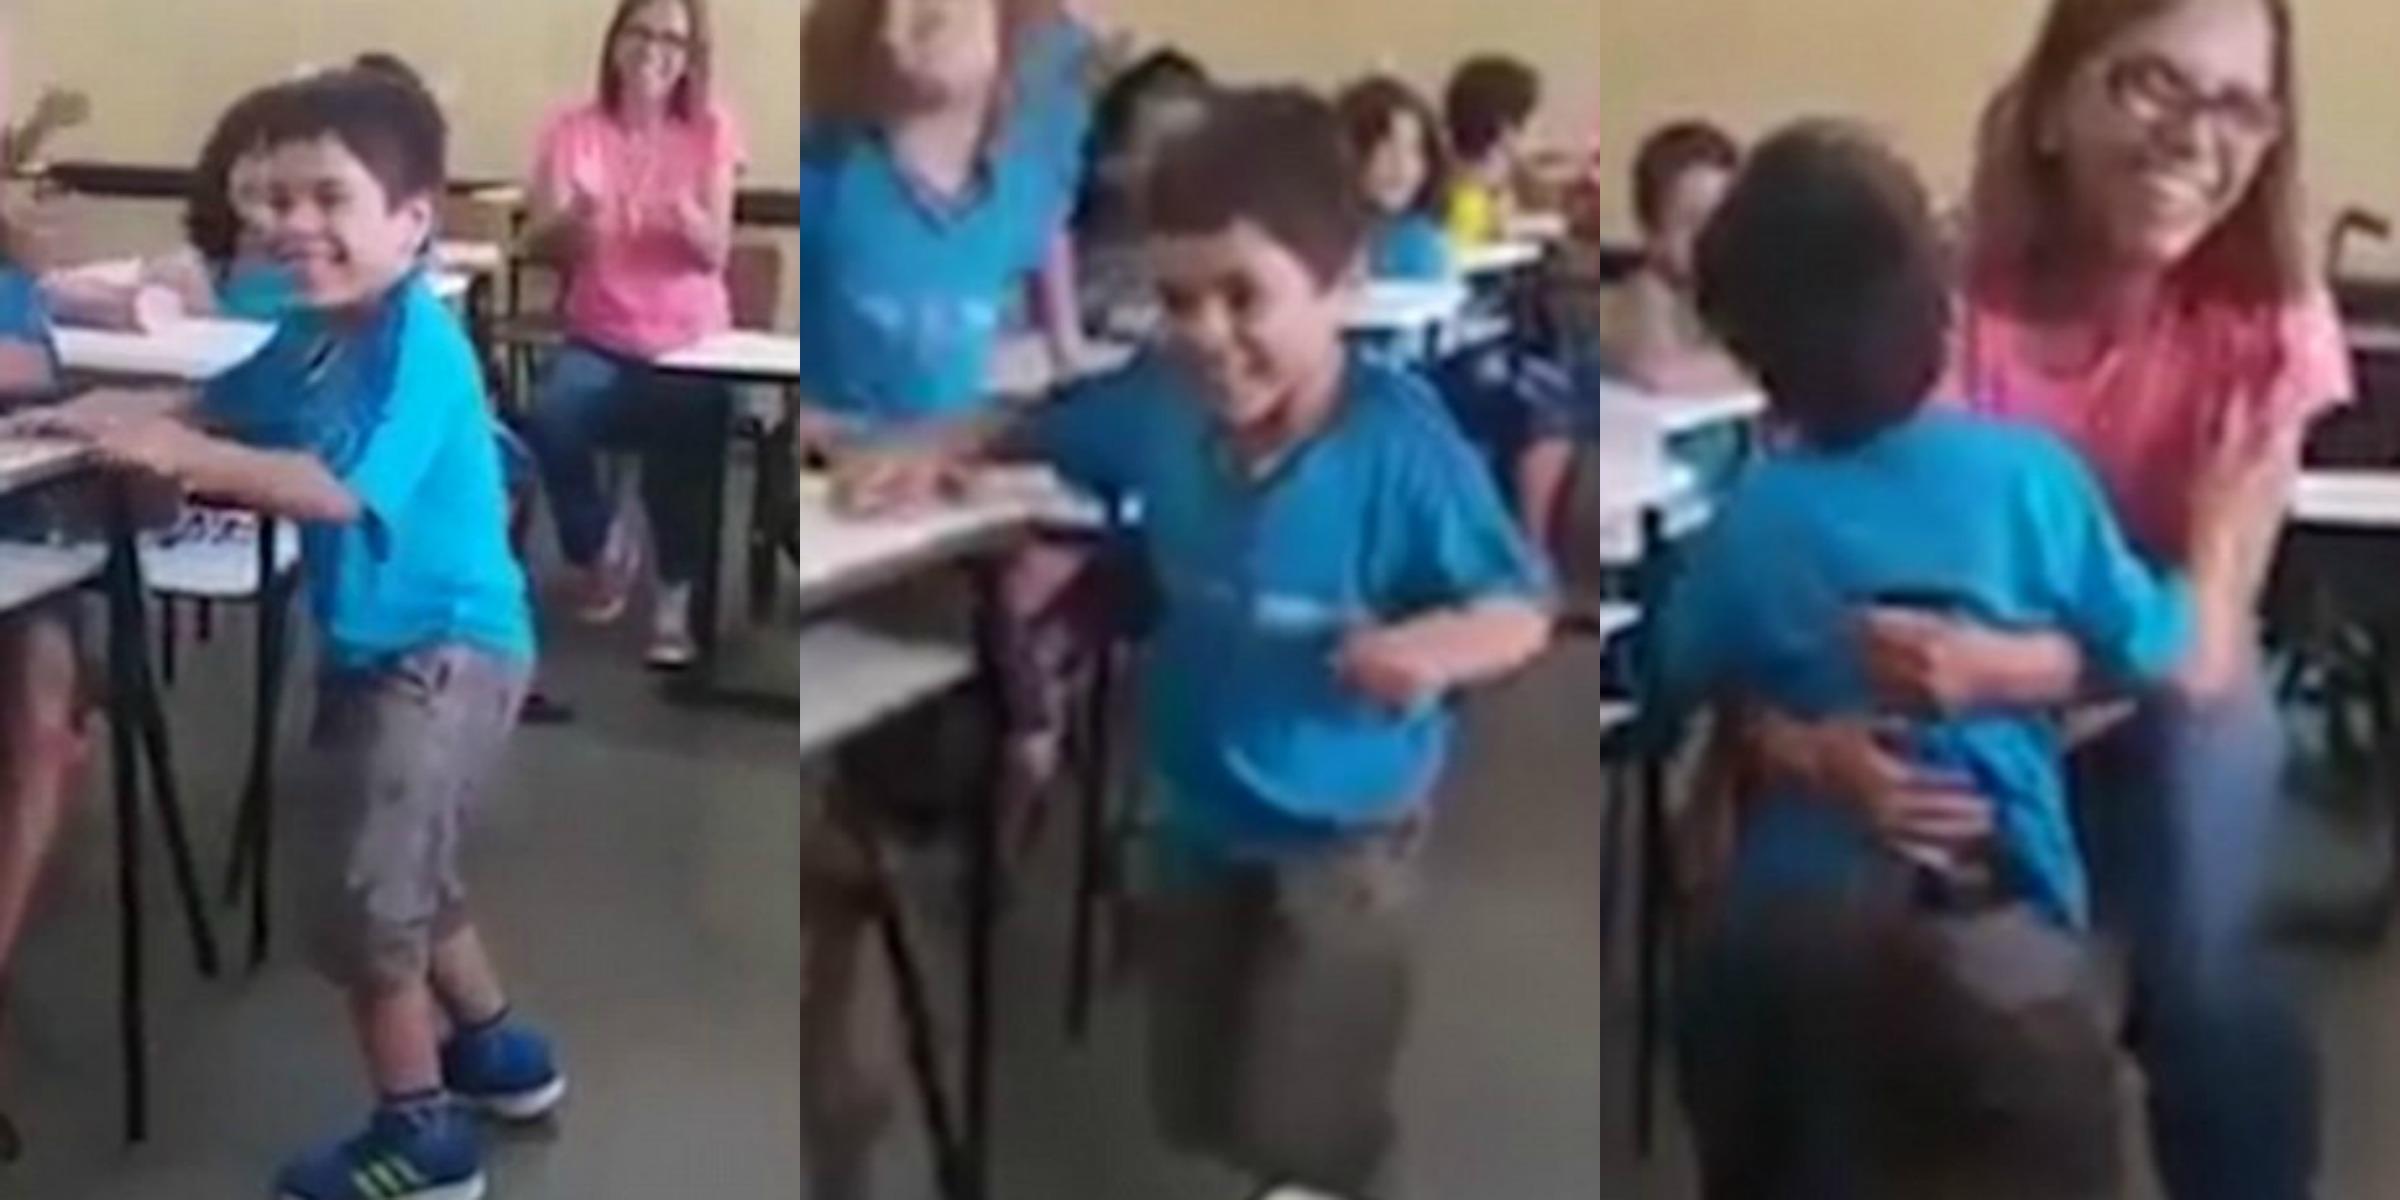 [Video] Kawan-Kawan Sekelas Bersorak Ketika Melihat Kanak-Kanak Lumpuh Ini Berjalan Buat Kali Pertama